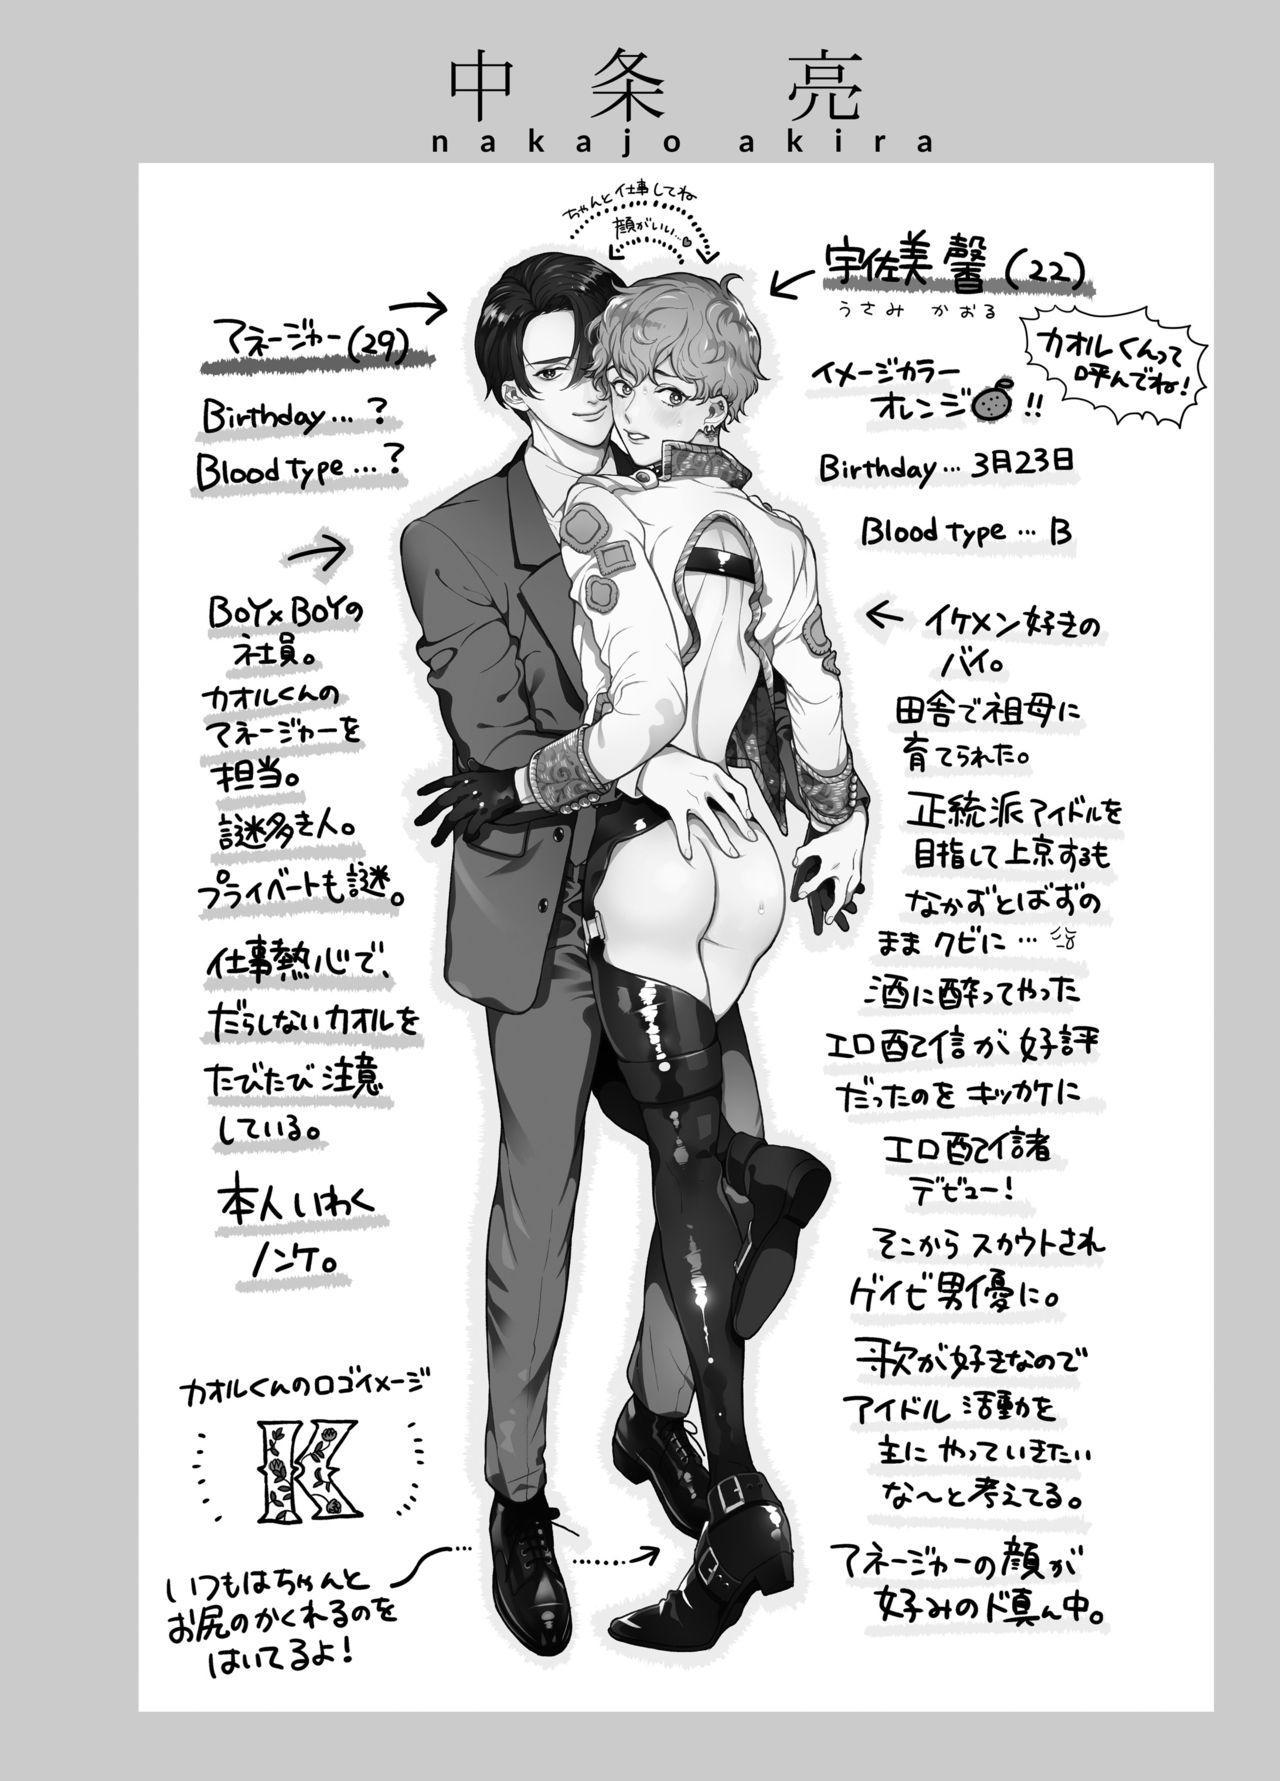 BOY x BOY IDOL COLLECTION!   男男爱豆搜罗! 144